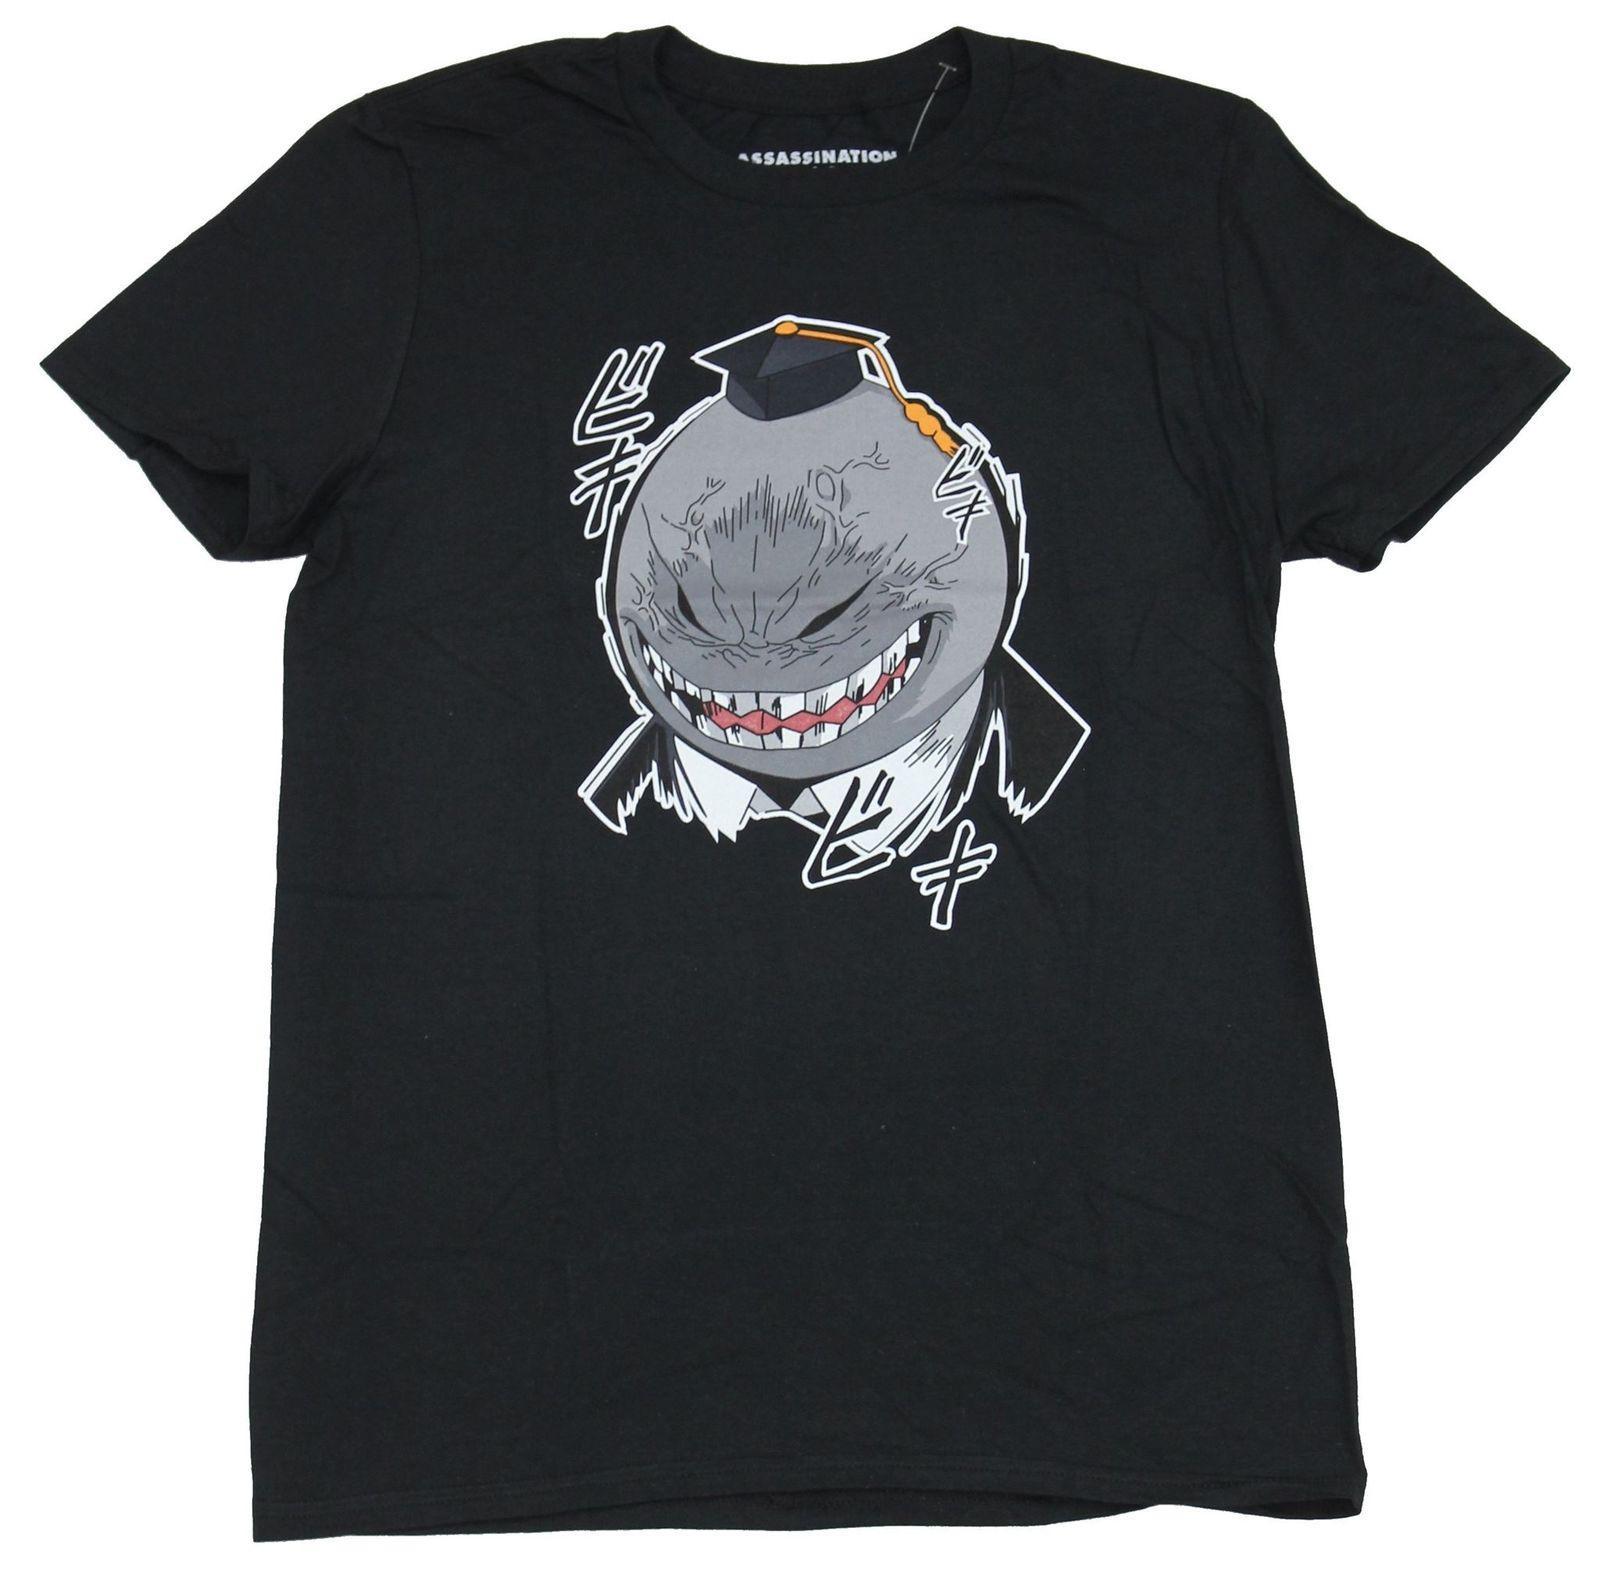 Assassinato T-shirt dos homens da sala de aula - Koro Sensi cara irritada imagem dos desenhos animados da camisa de t homens Unisex New forma camisetas frete grátis